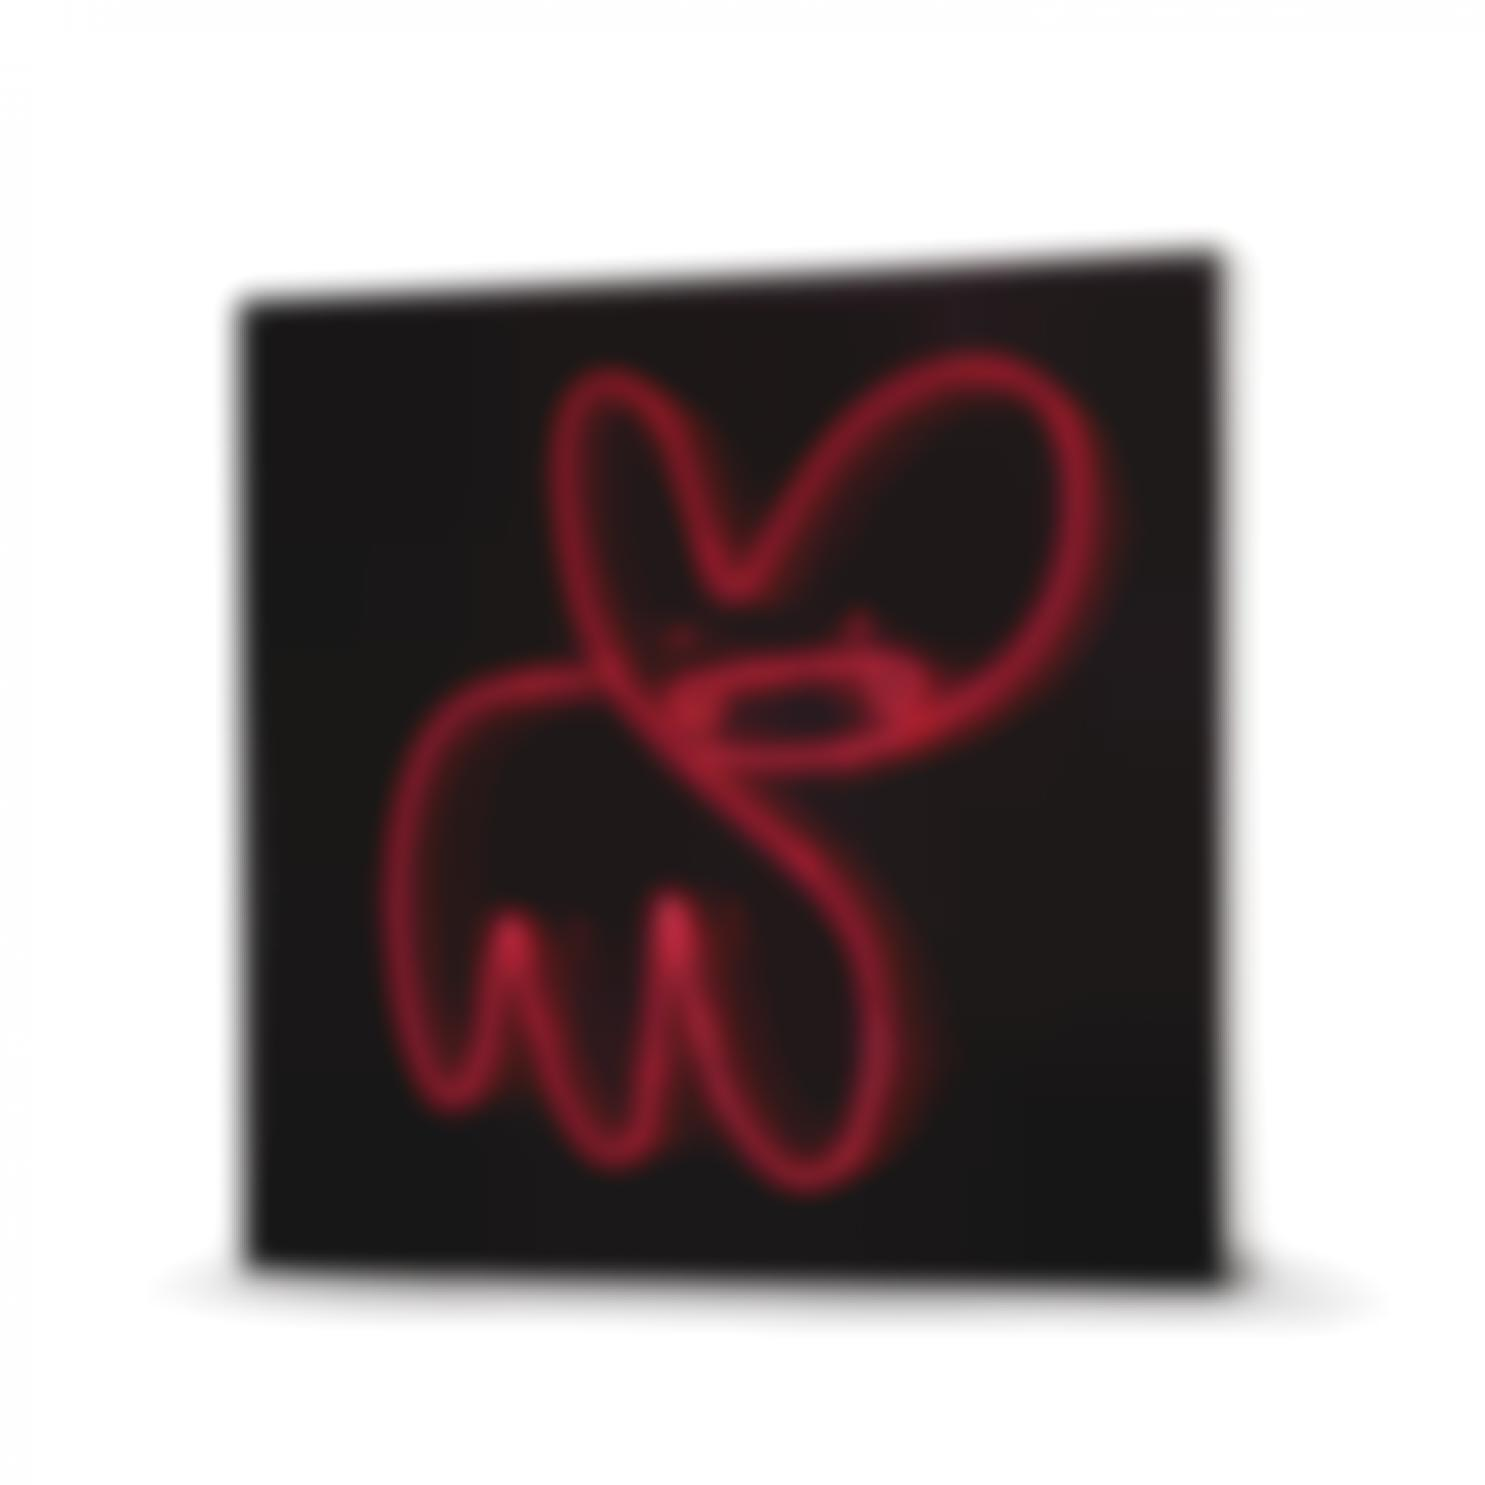 Pure Evil-Infinite Neon Bunny-2017